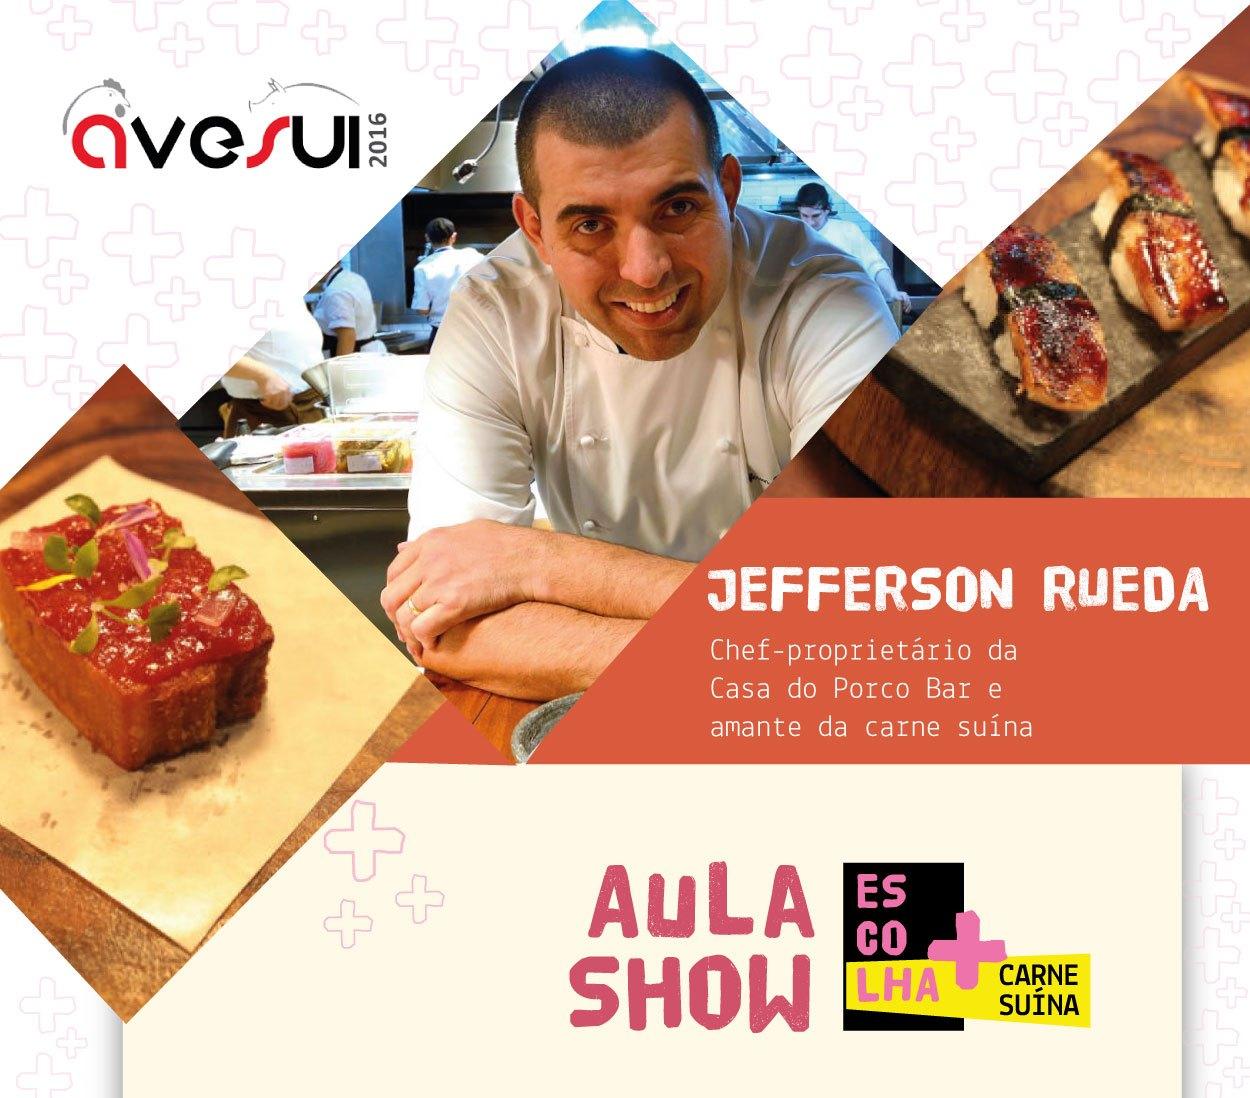 Aula Show com Chef Jerferson Rueda é um dos destaques do segundo dia de AveSui